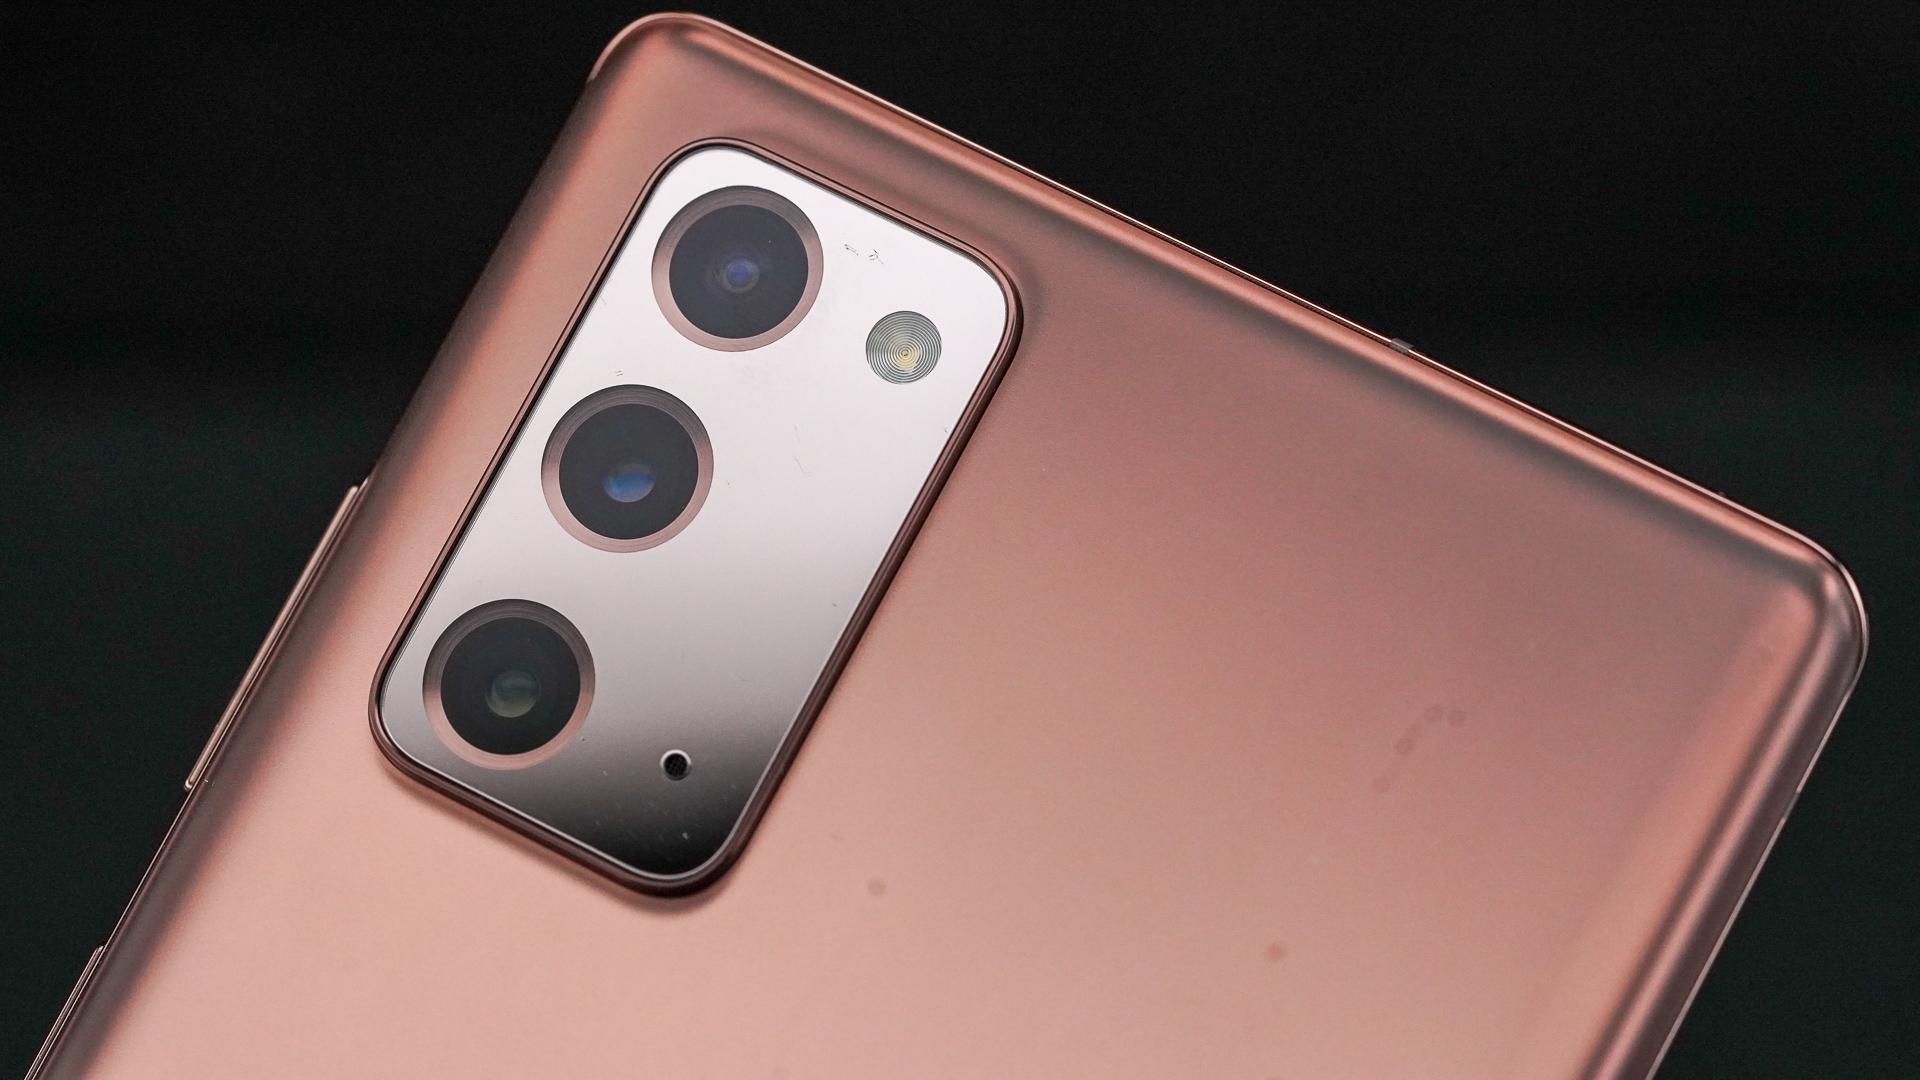 Samsung Galaxy Note 20 camera angled